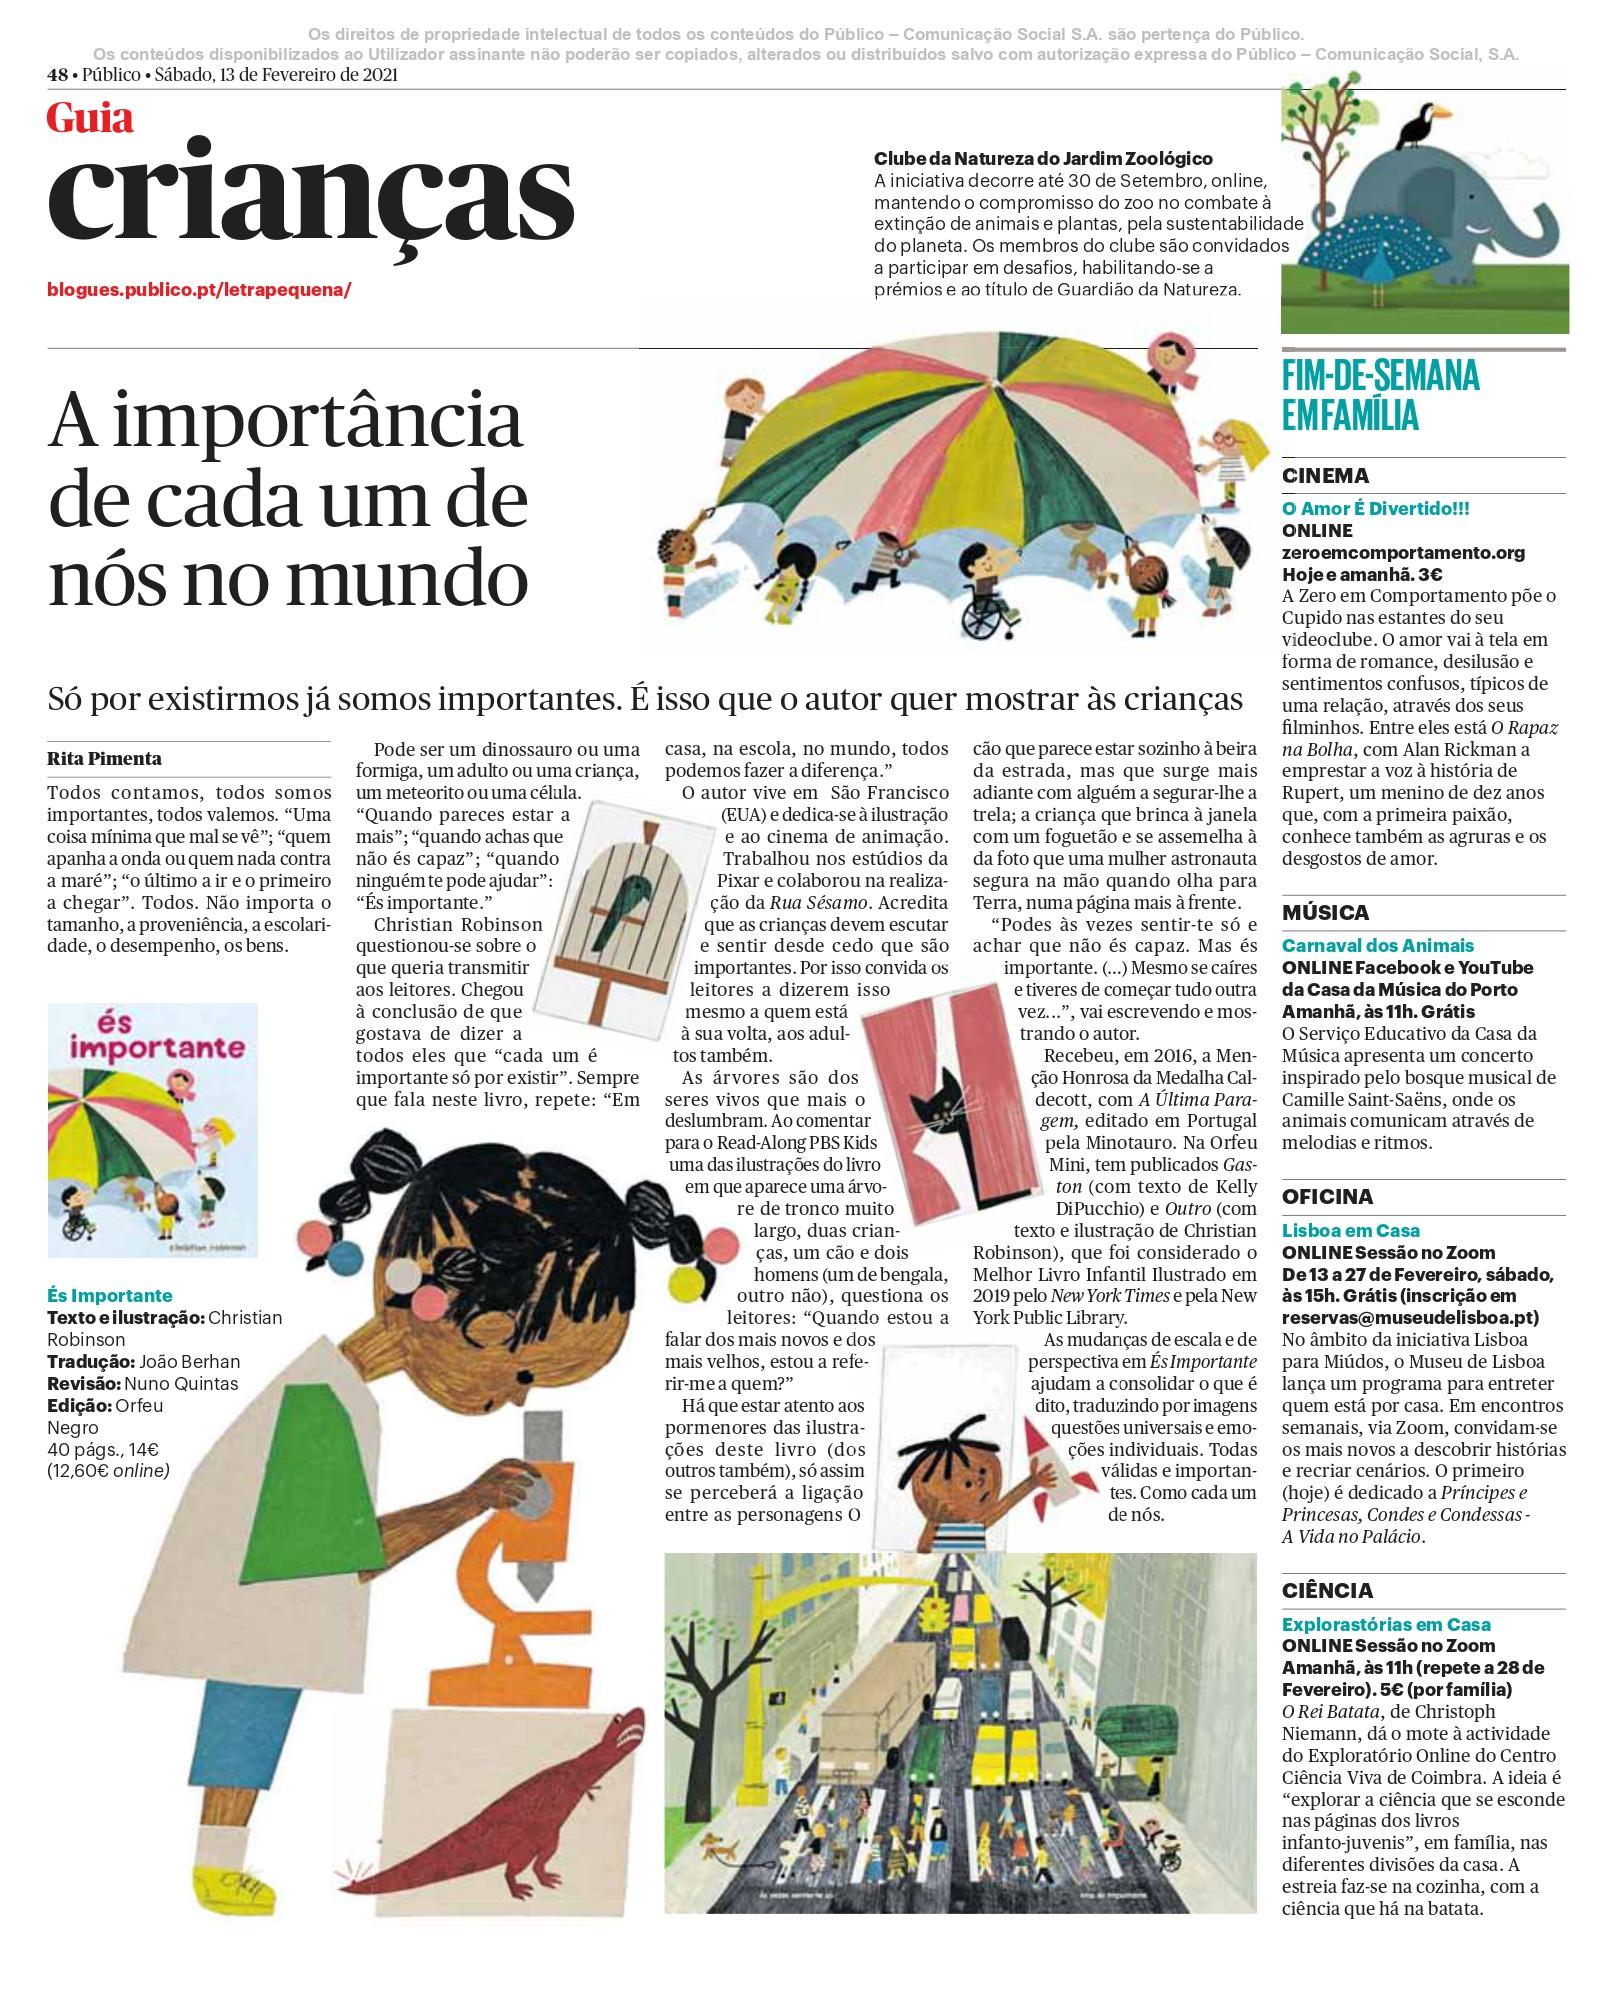 PáginaCrianças13Fev2021Importante